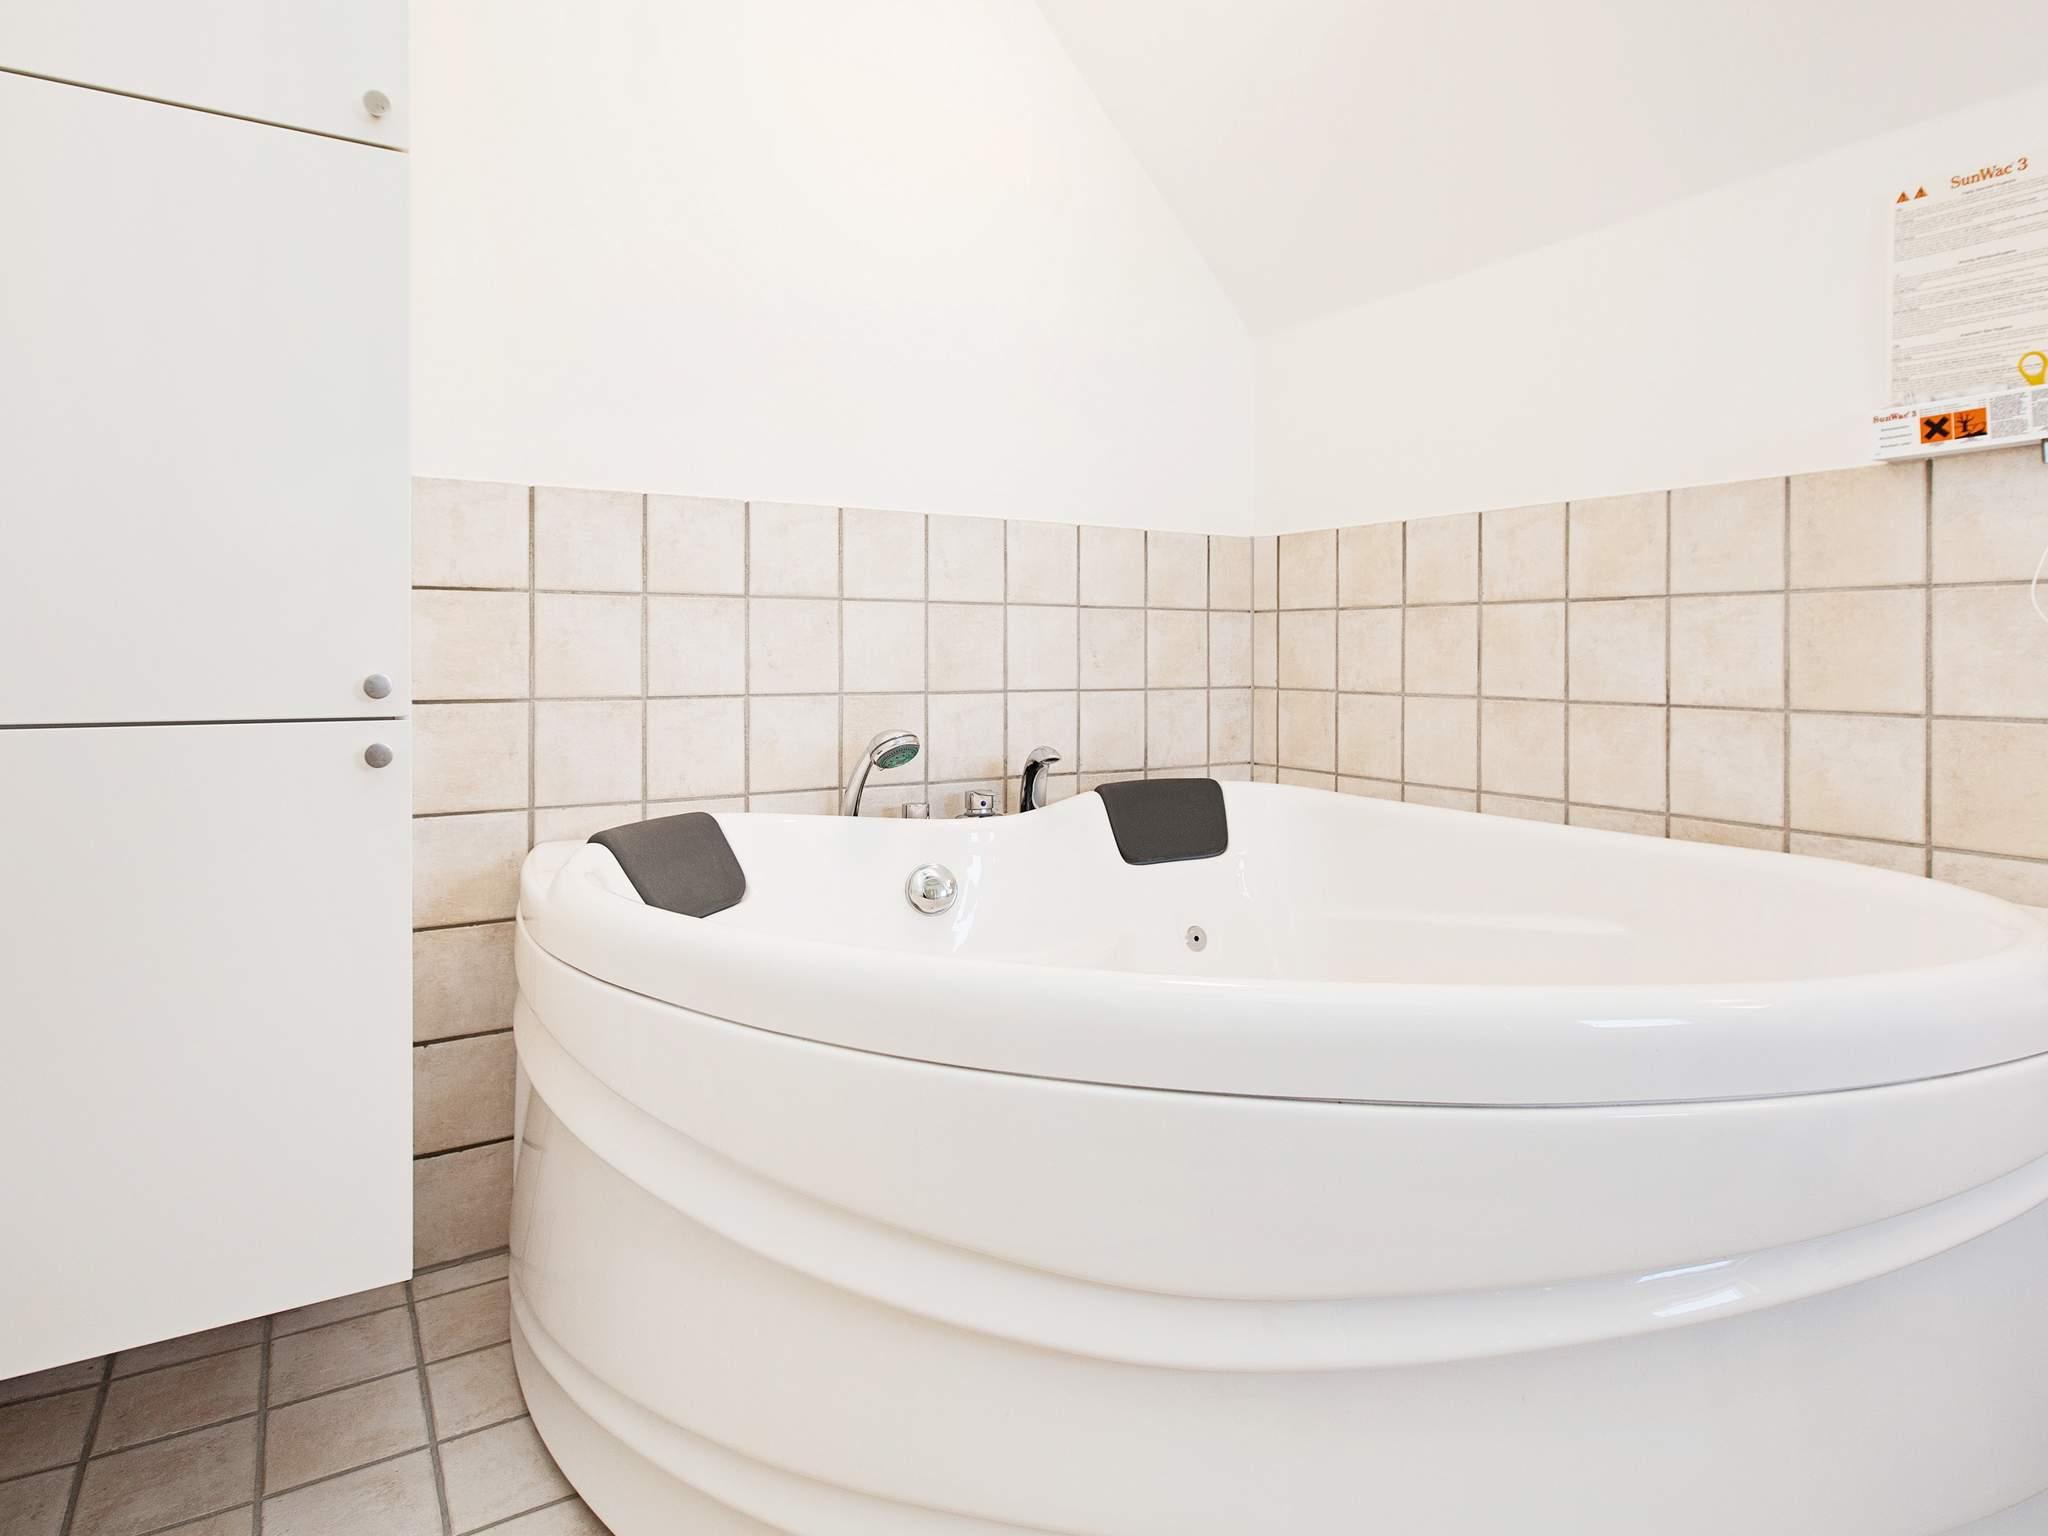 Ferienhaus Marielyst (334418), Marielyst, , Falster, Dänemark, Bild 17